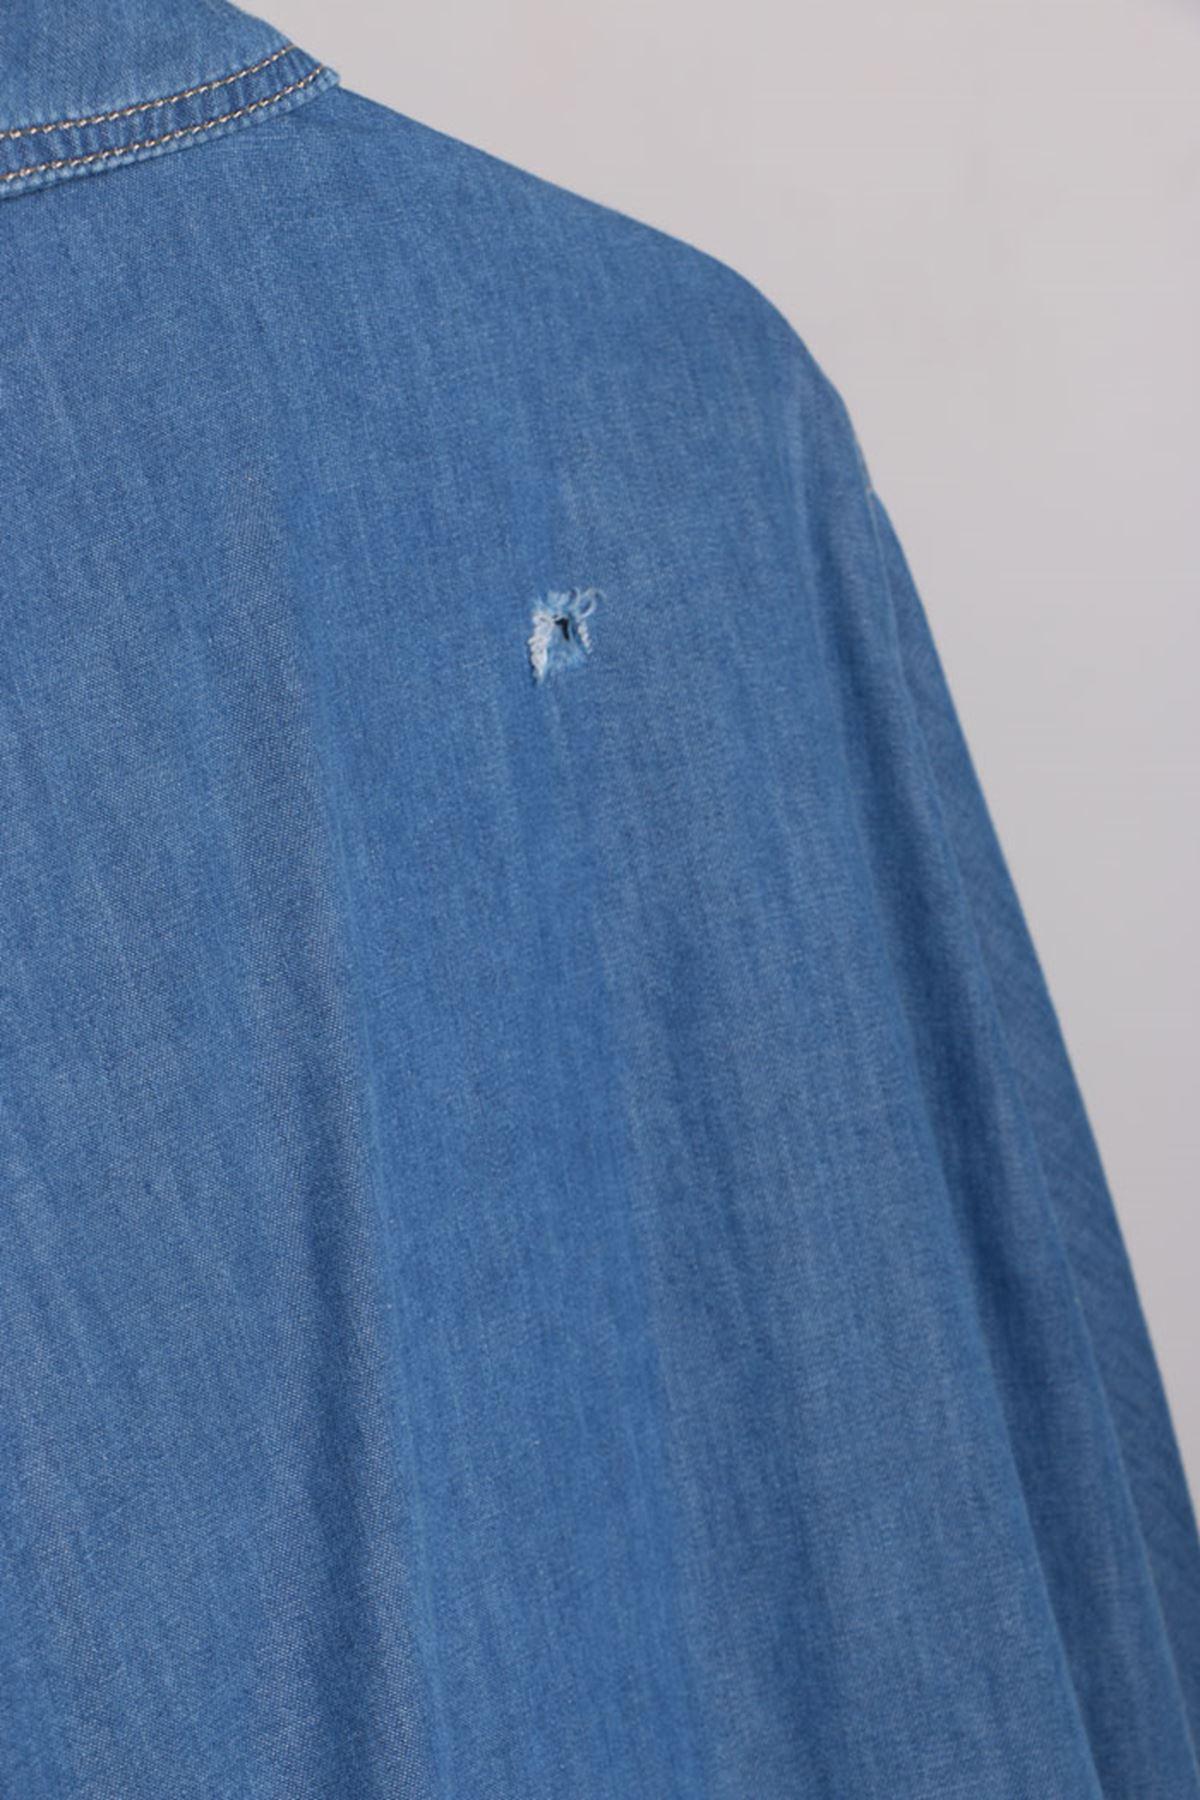 D-1013 Büyük Beden Defolu Püsküllü Kot Ceket - Mavi